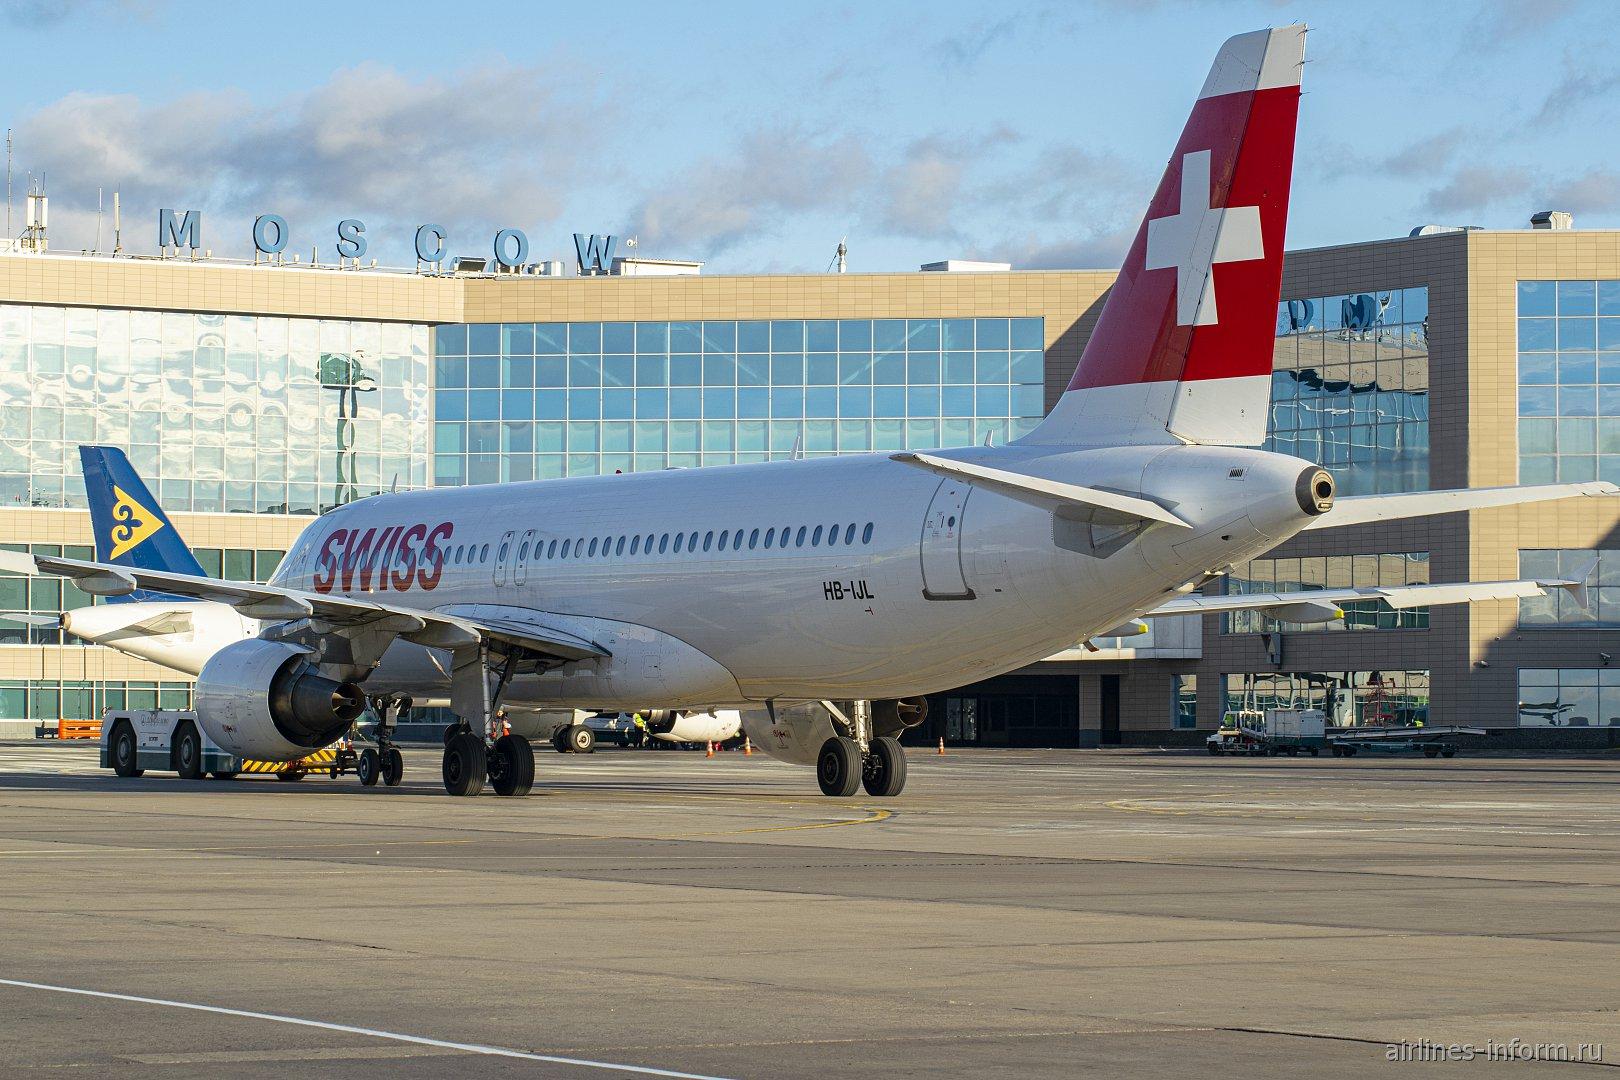 Airbus A320 авиакомпании SWISS на фоне пассажирского терминала аэропорта Домодедово